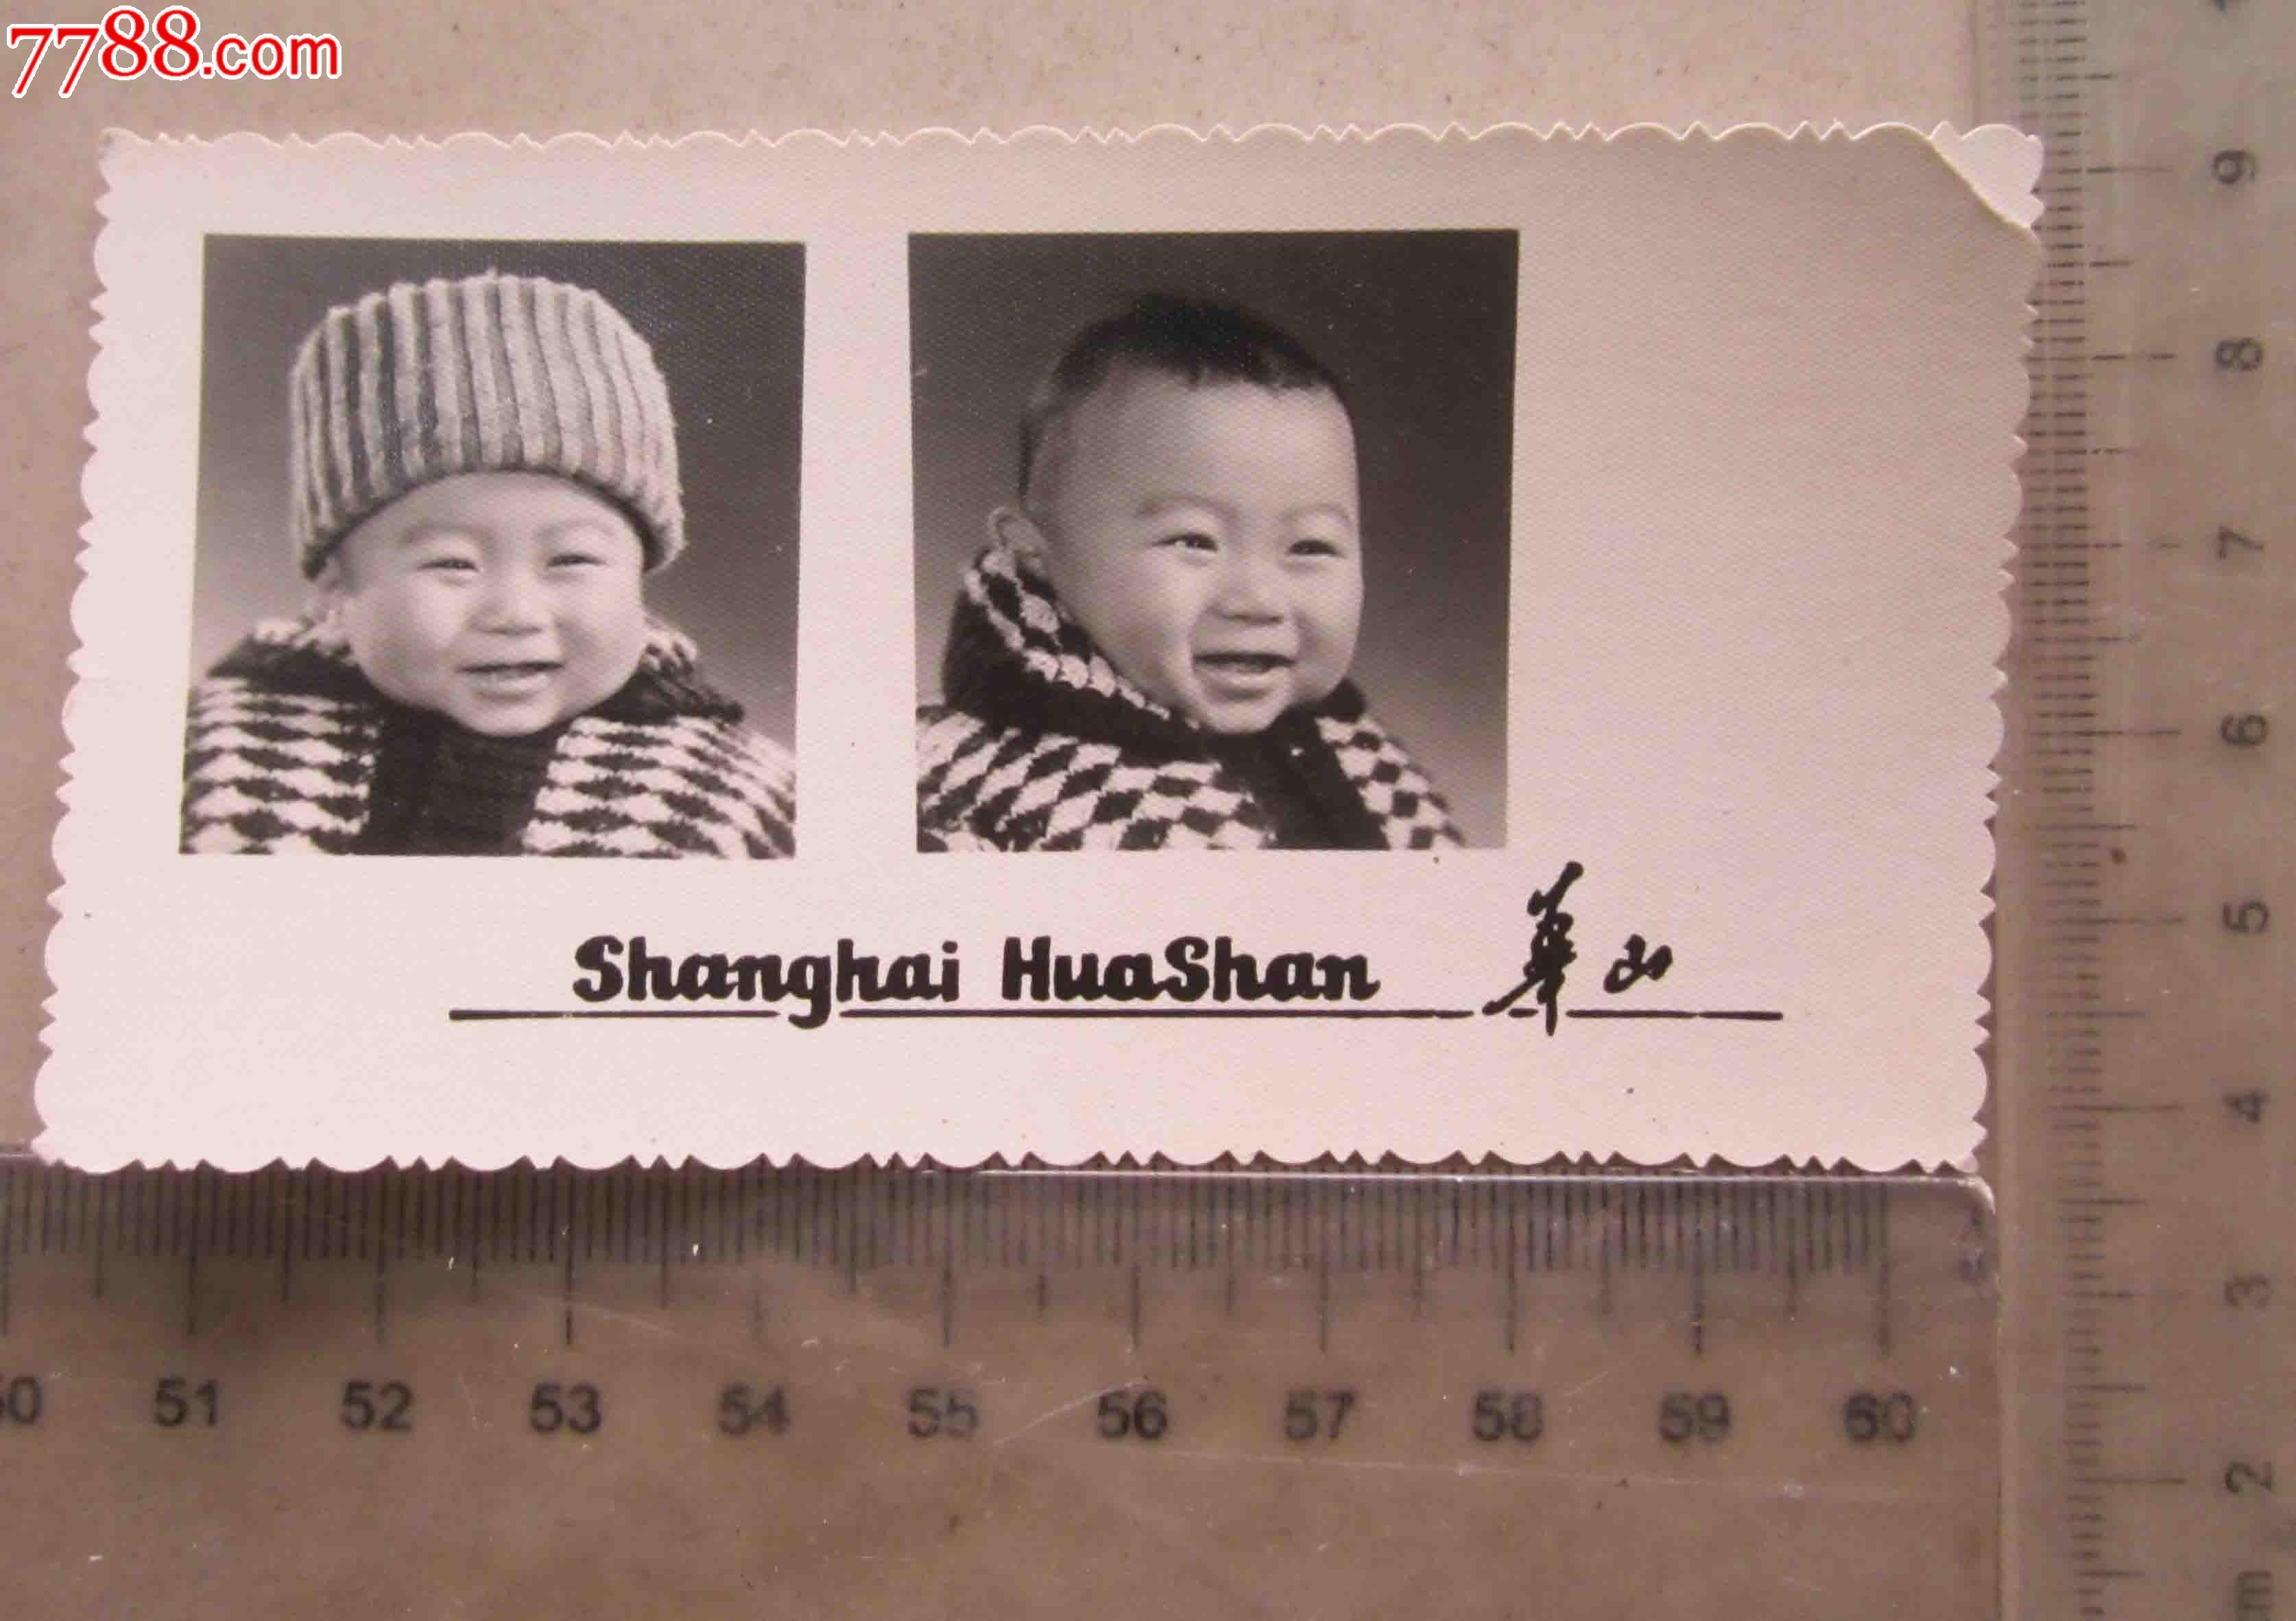 上海华山可爱宝宝照-老照片--se18662911-零售-中国